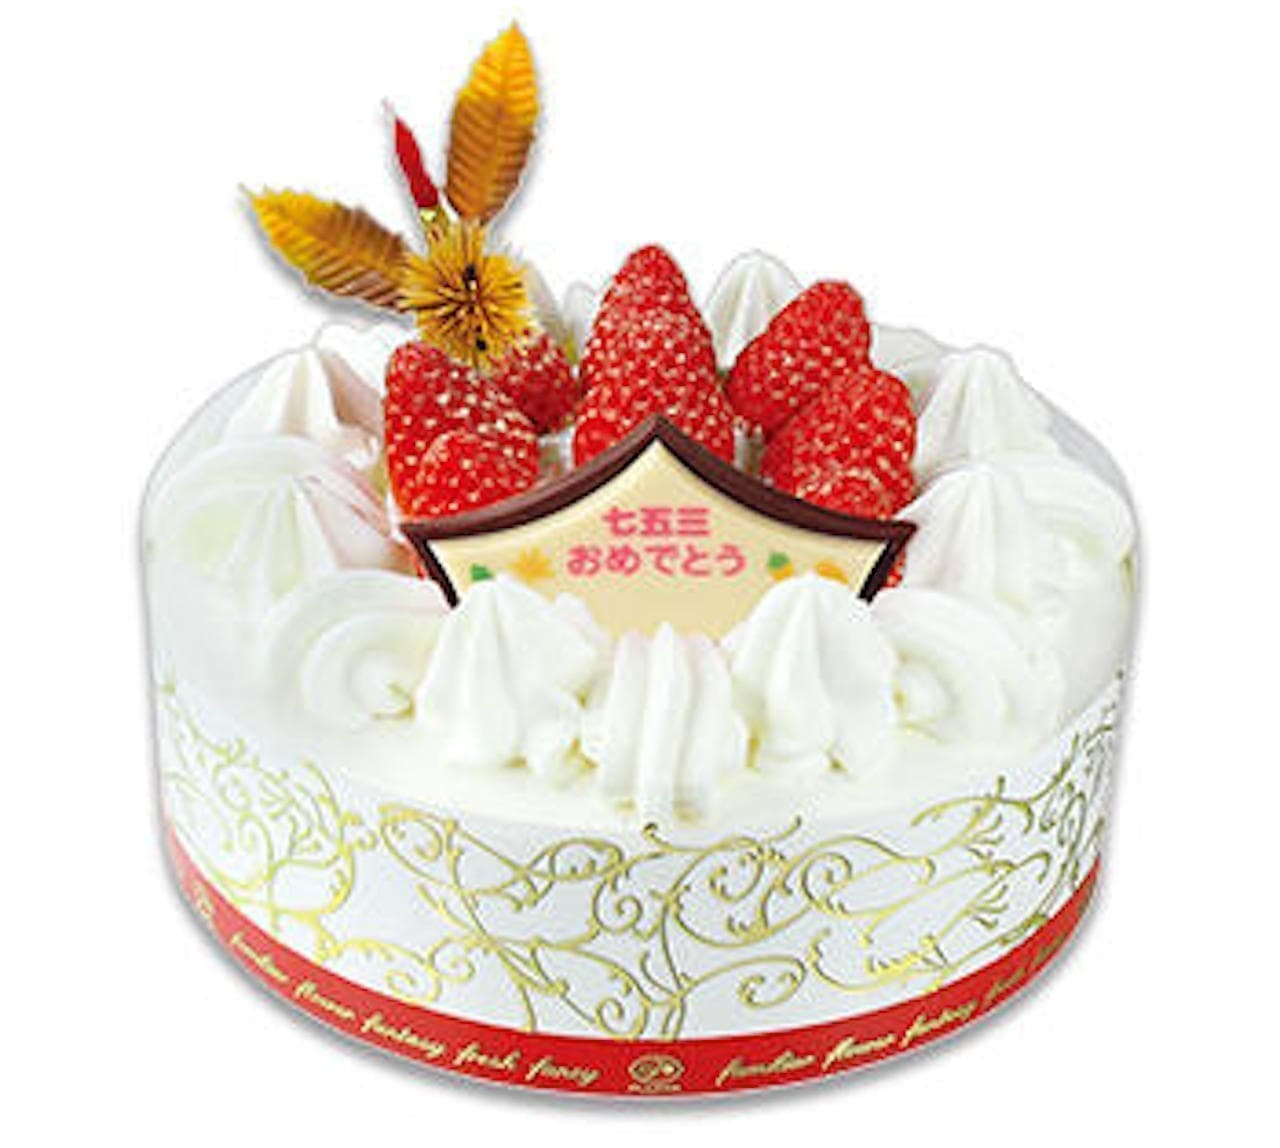 不二家「七五三苺のショートケーキ」